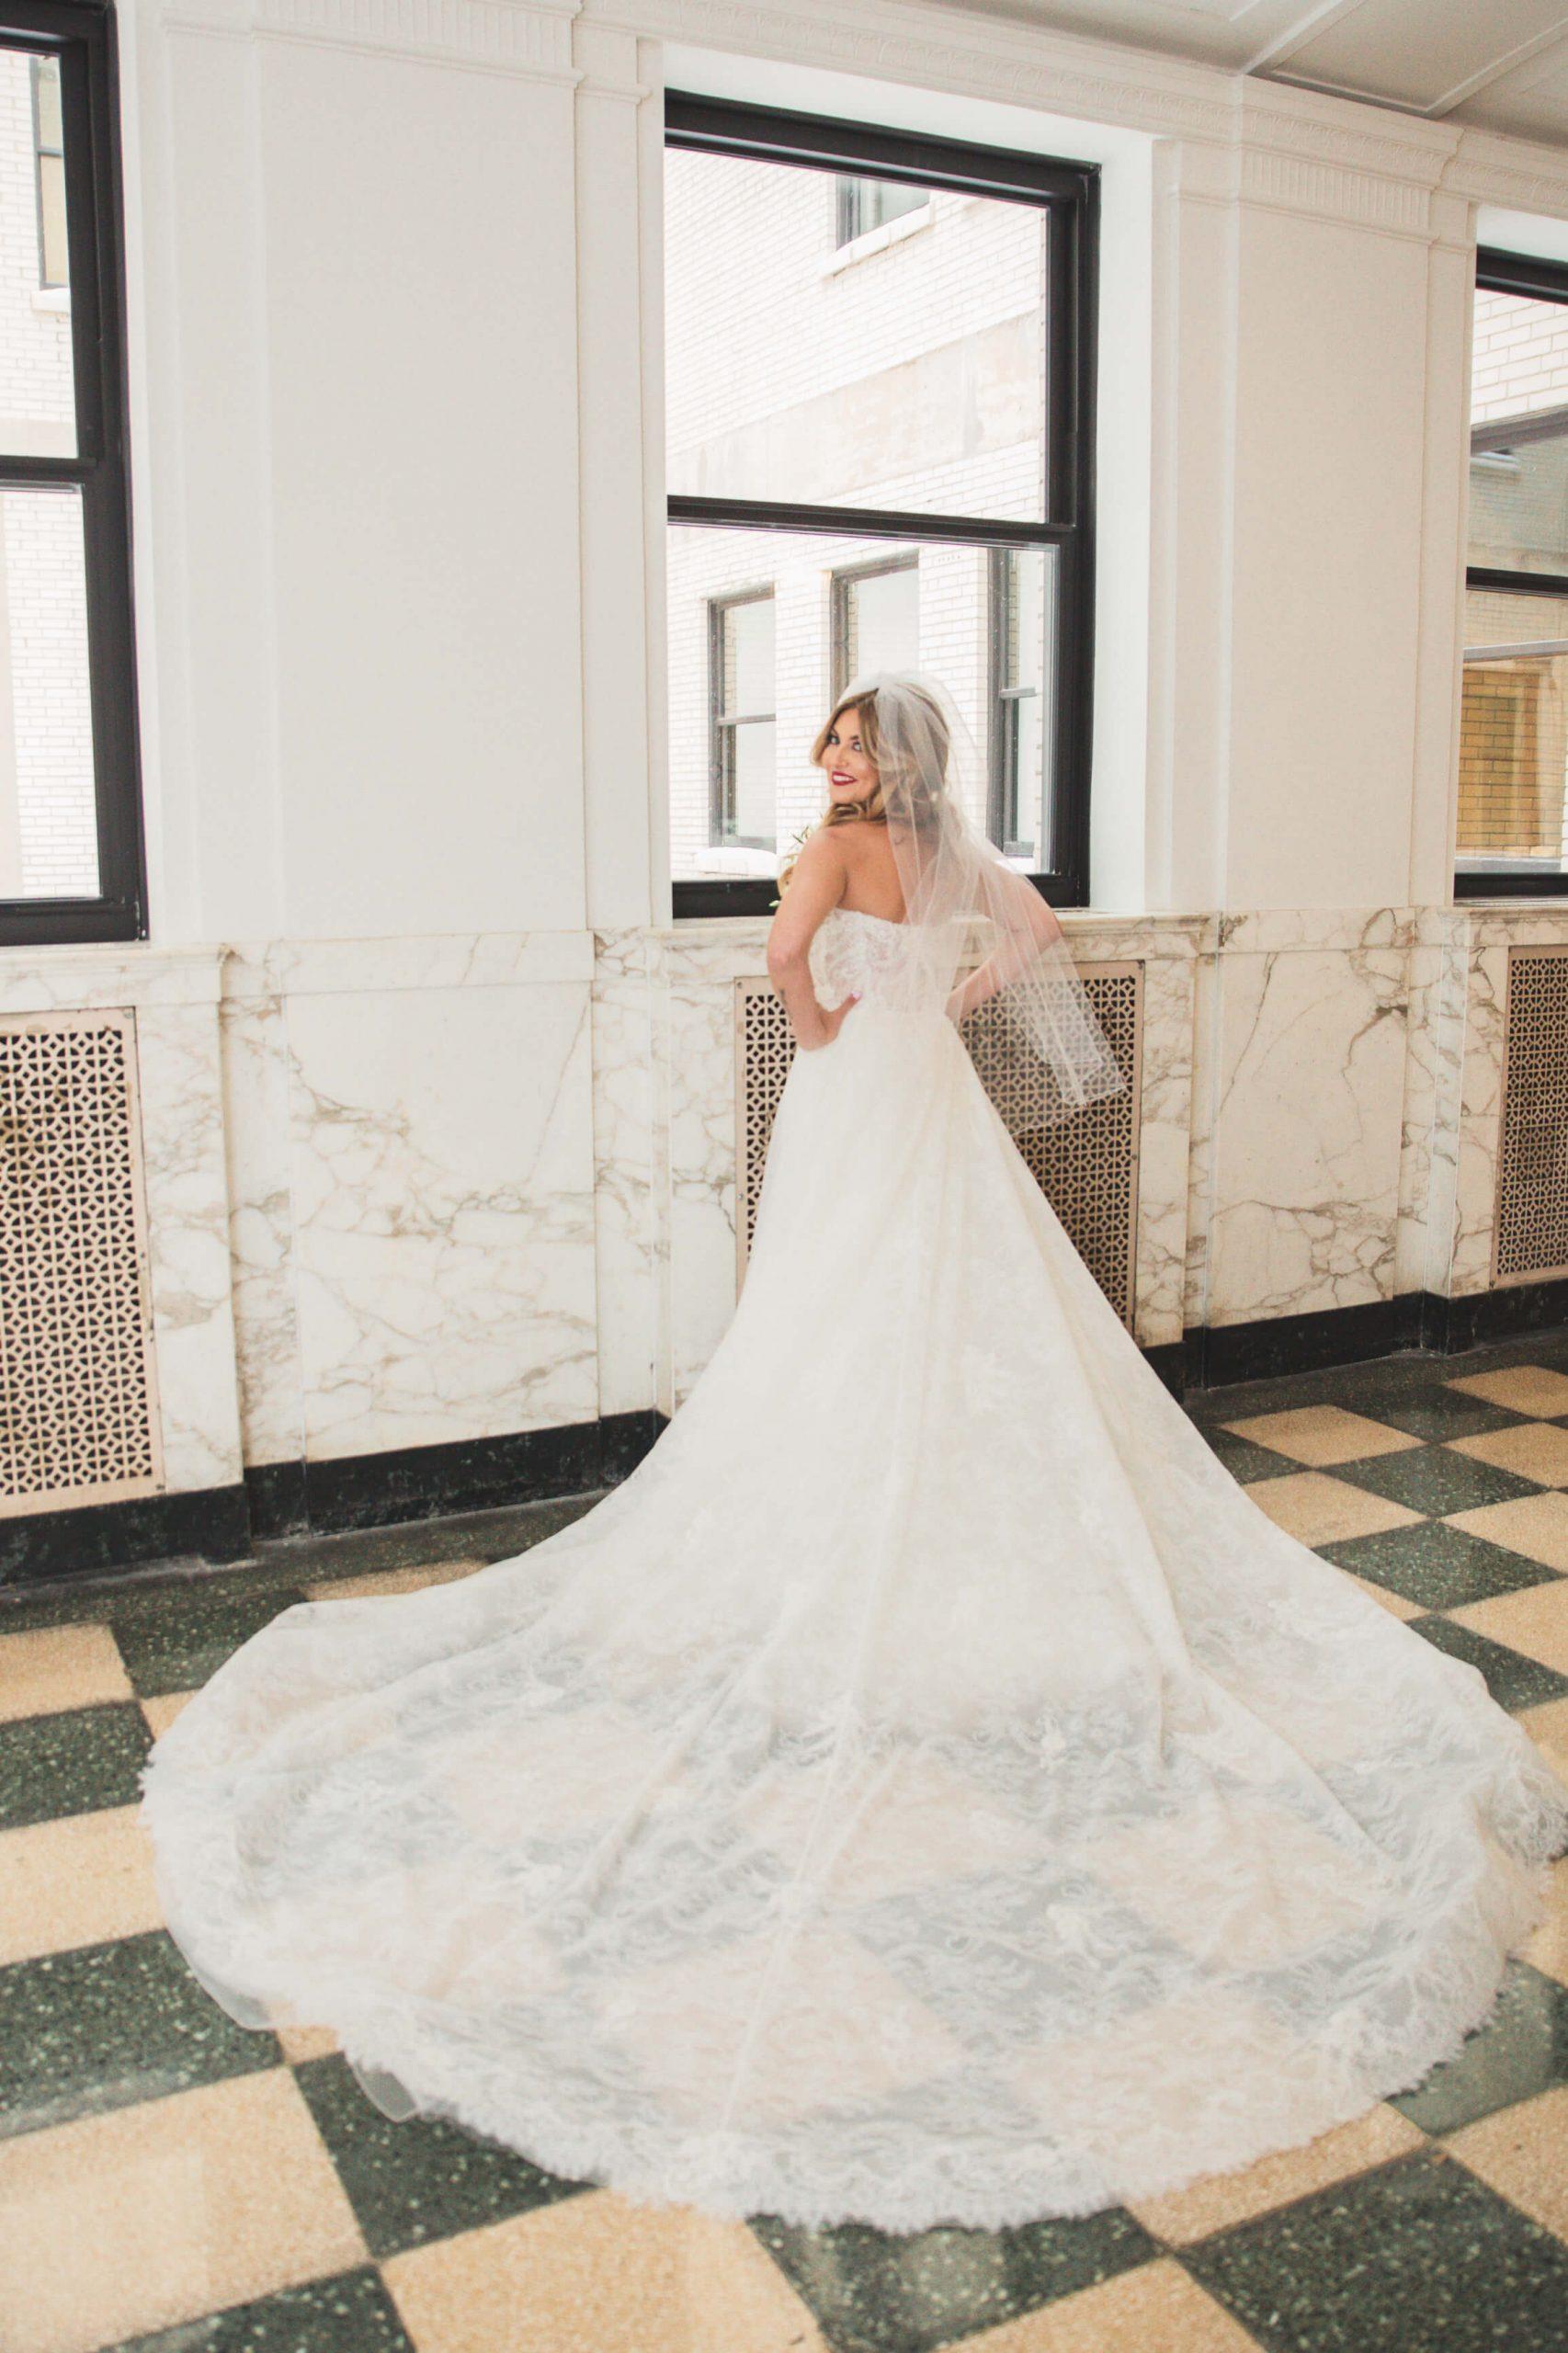 brides gown details